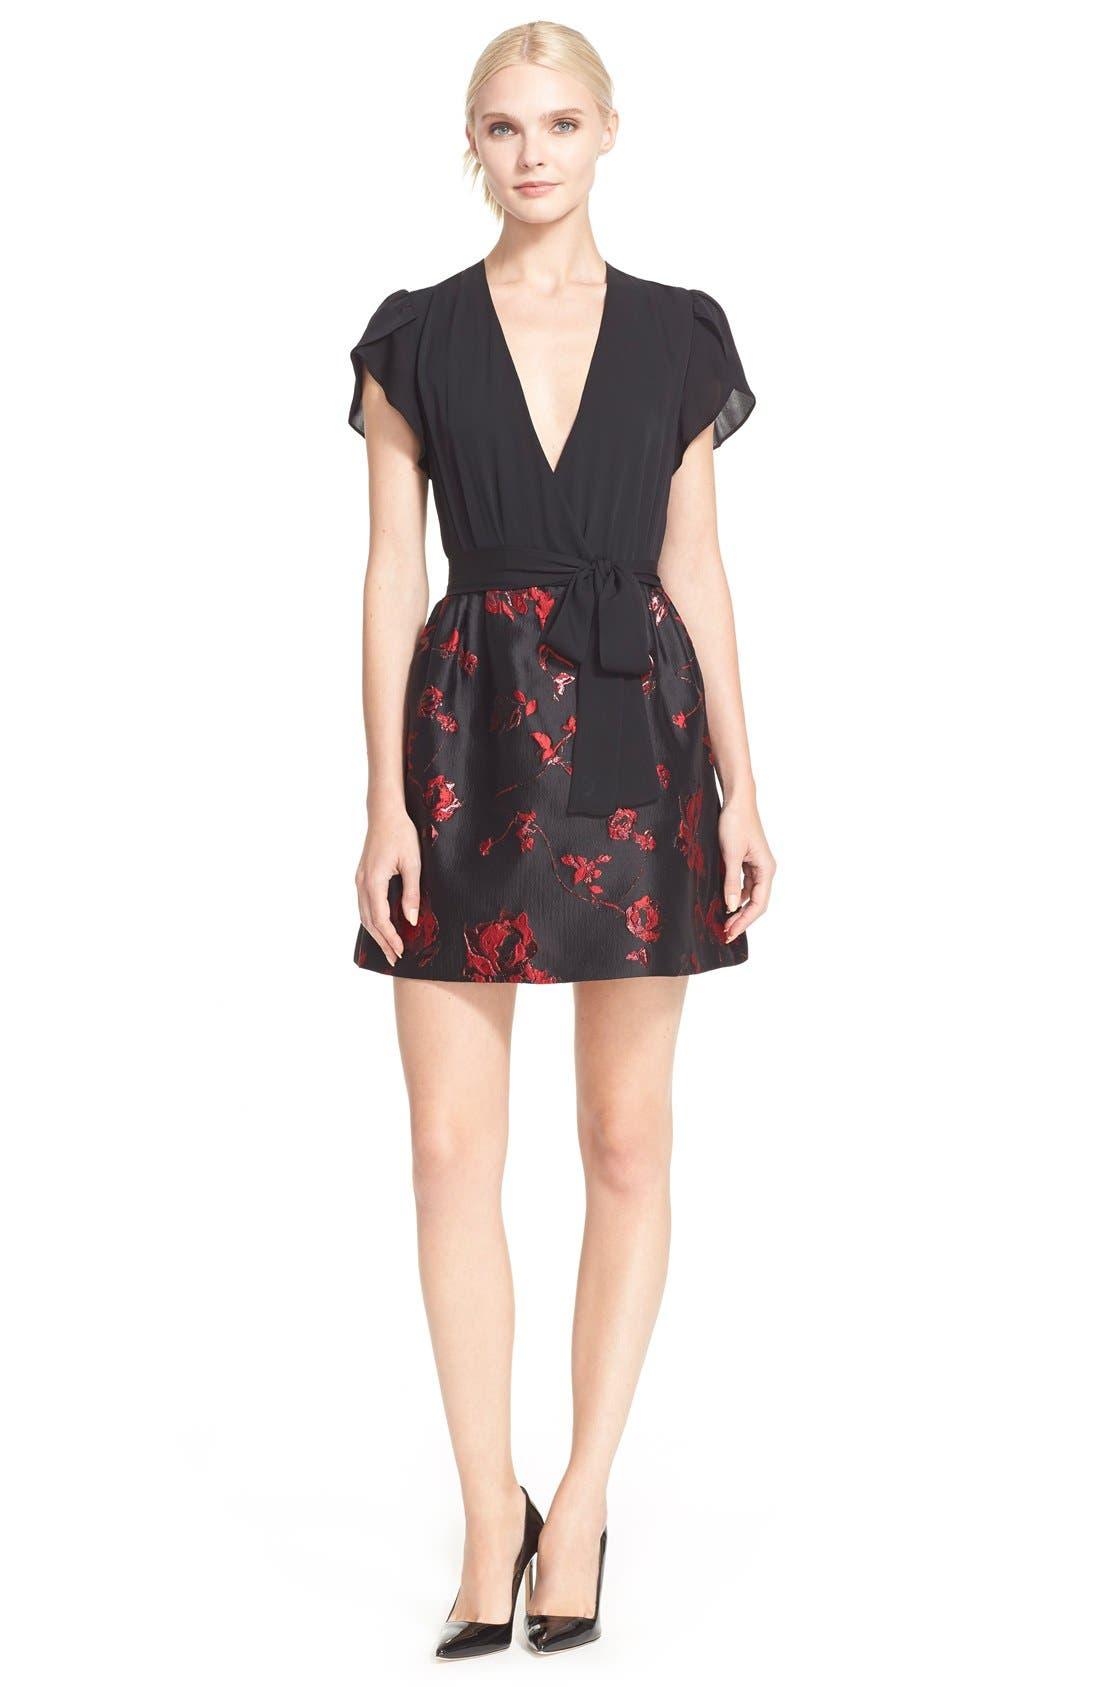 Alternate Image 1 Selected - Diane von Furstenberg 'Ivy' Floral Brocade Dress